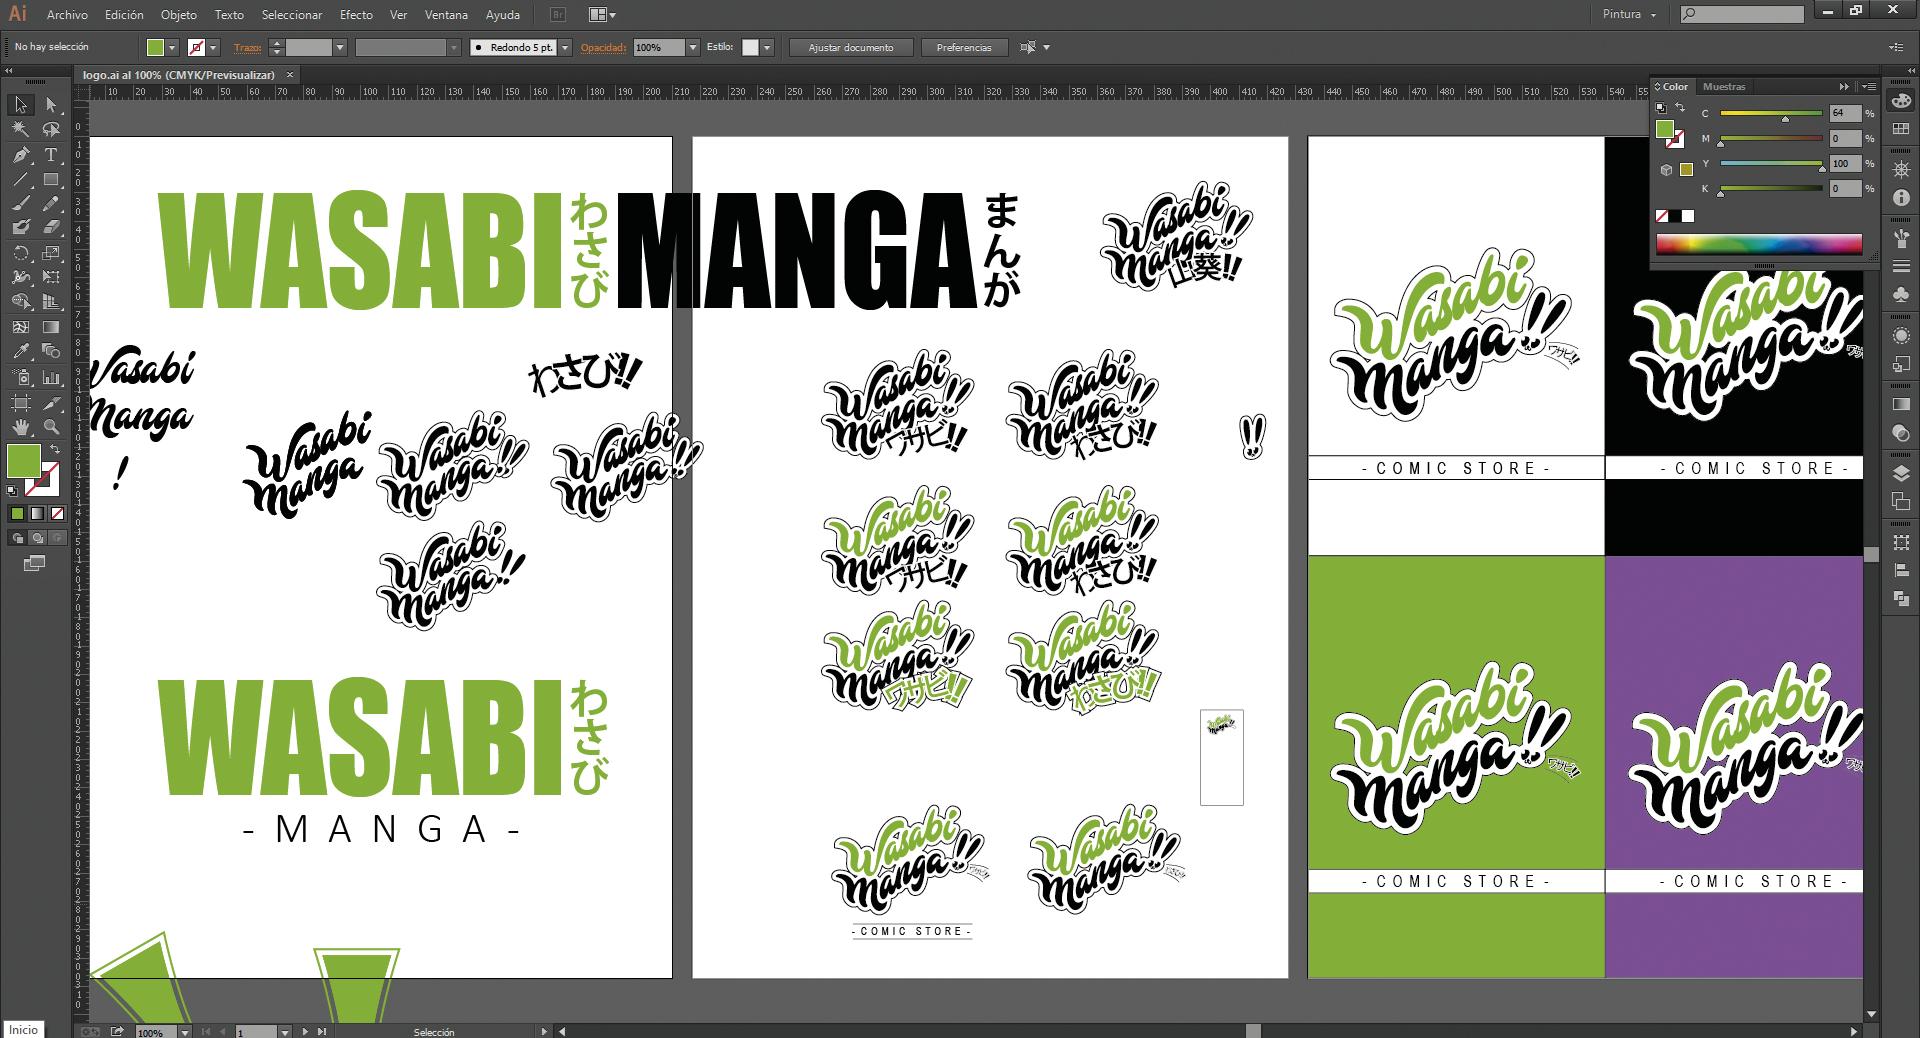 illustrator desarrollo del logo wasabi manga